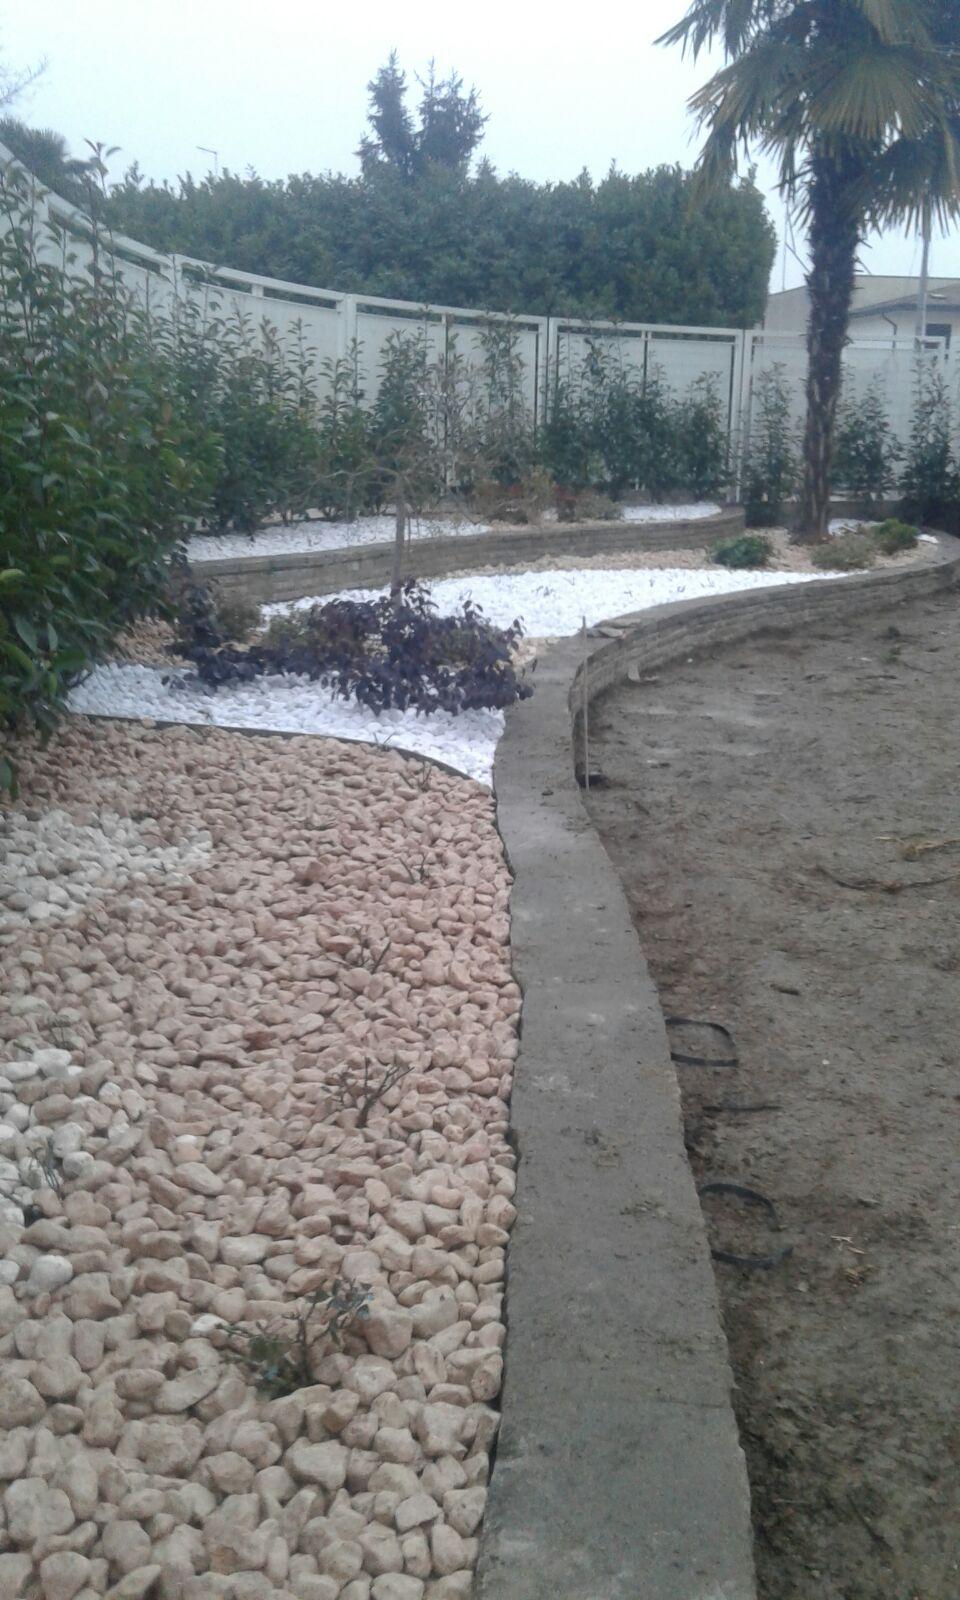 Progetta giardini 03-02 (5)